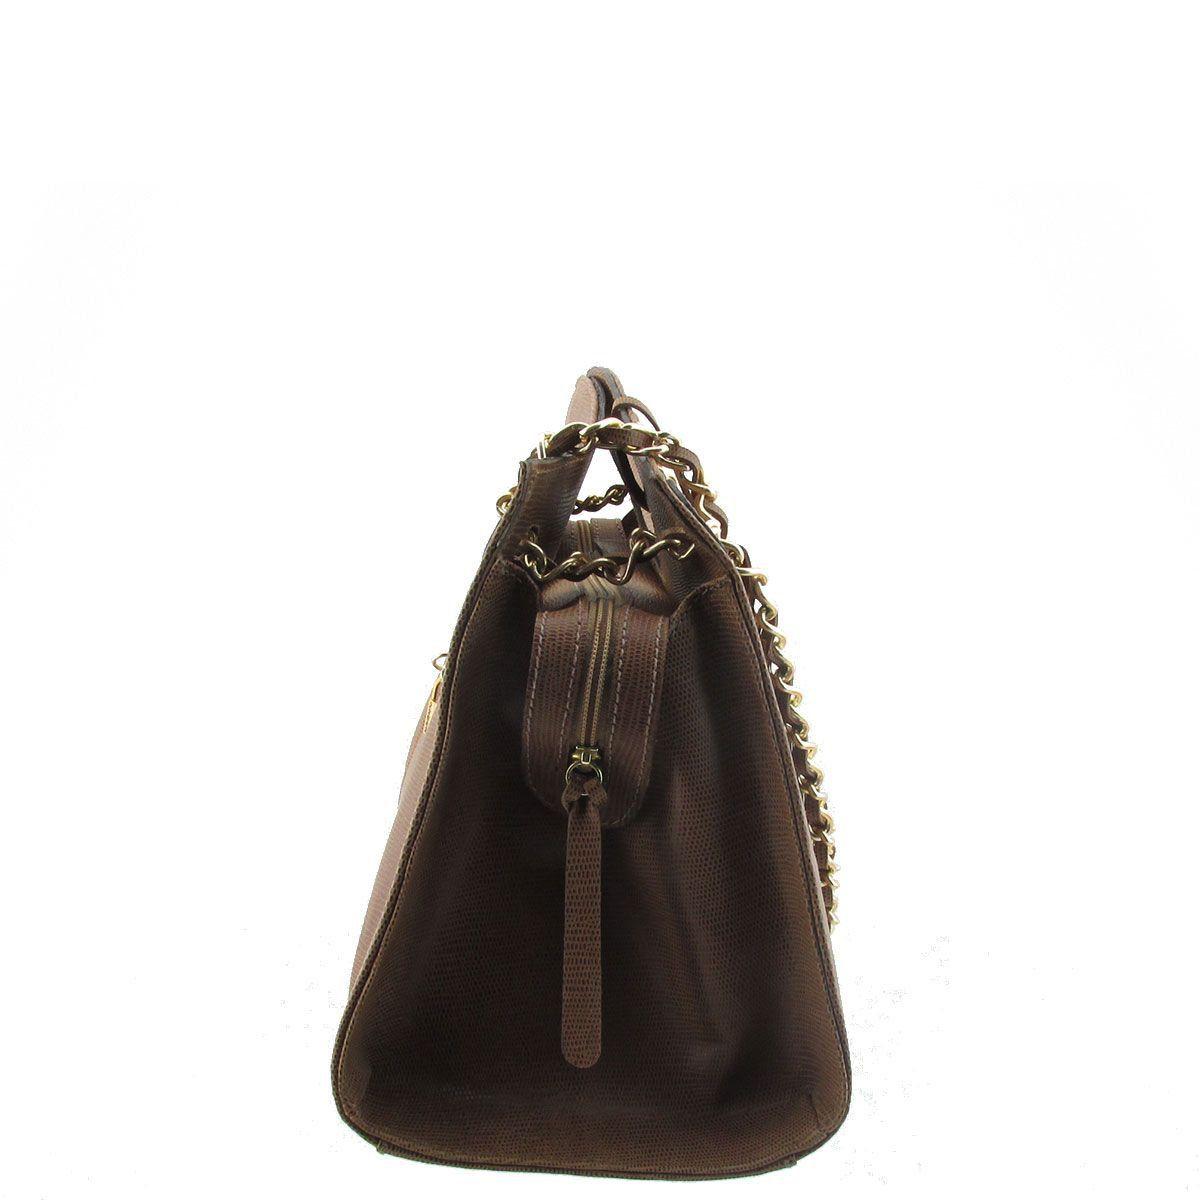 Bolsa Couro Legitimo com Alça de Corrente Chocolate